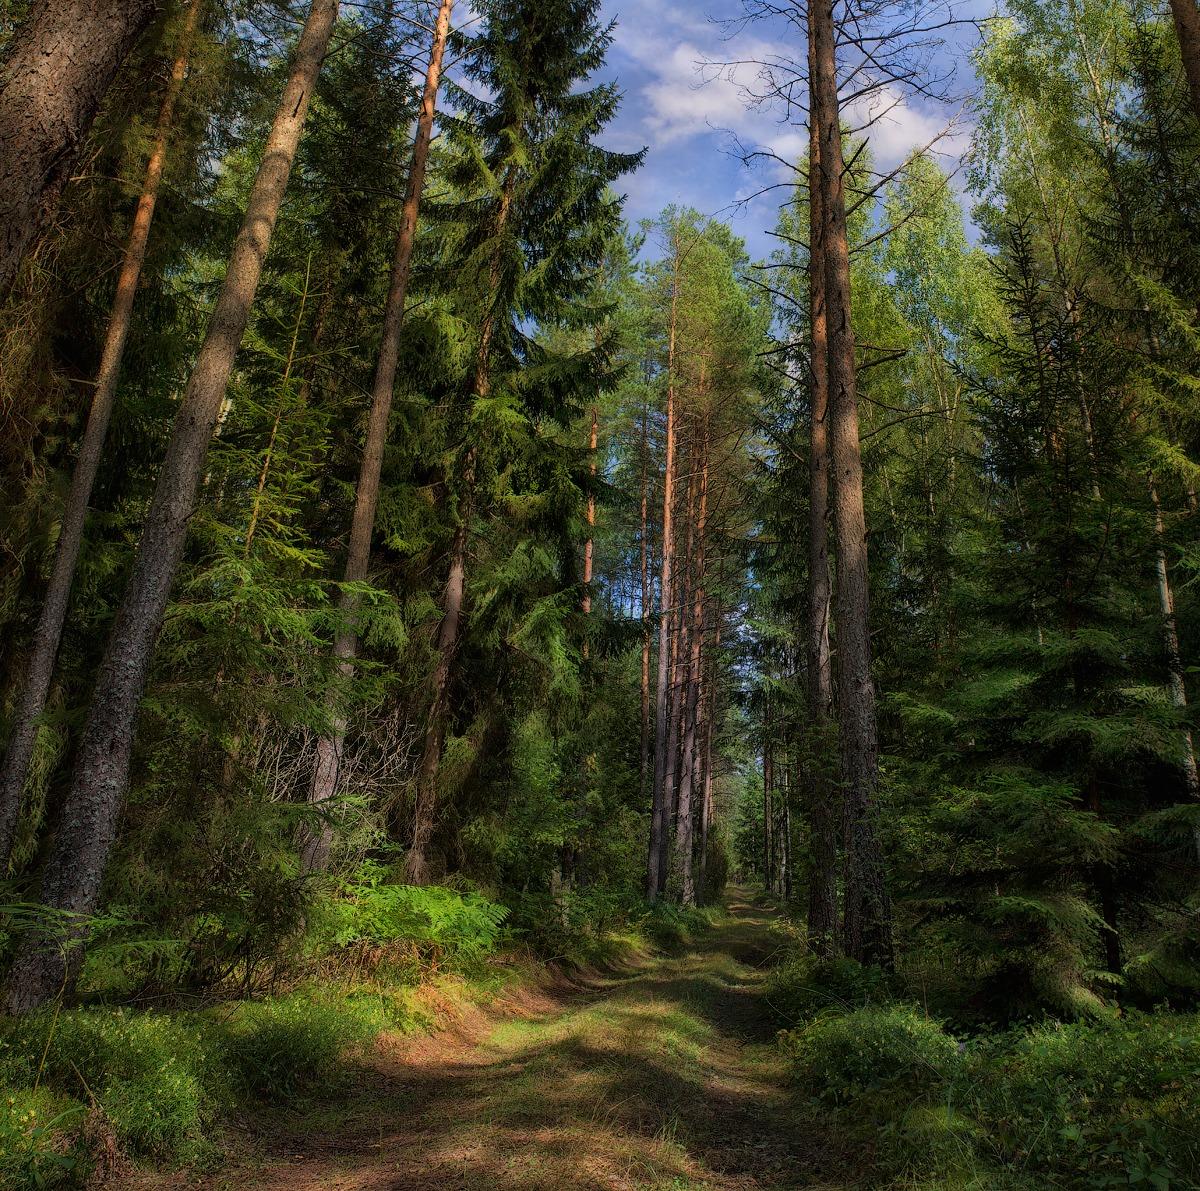 качественные фотографии российского леса занавеска-батик или